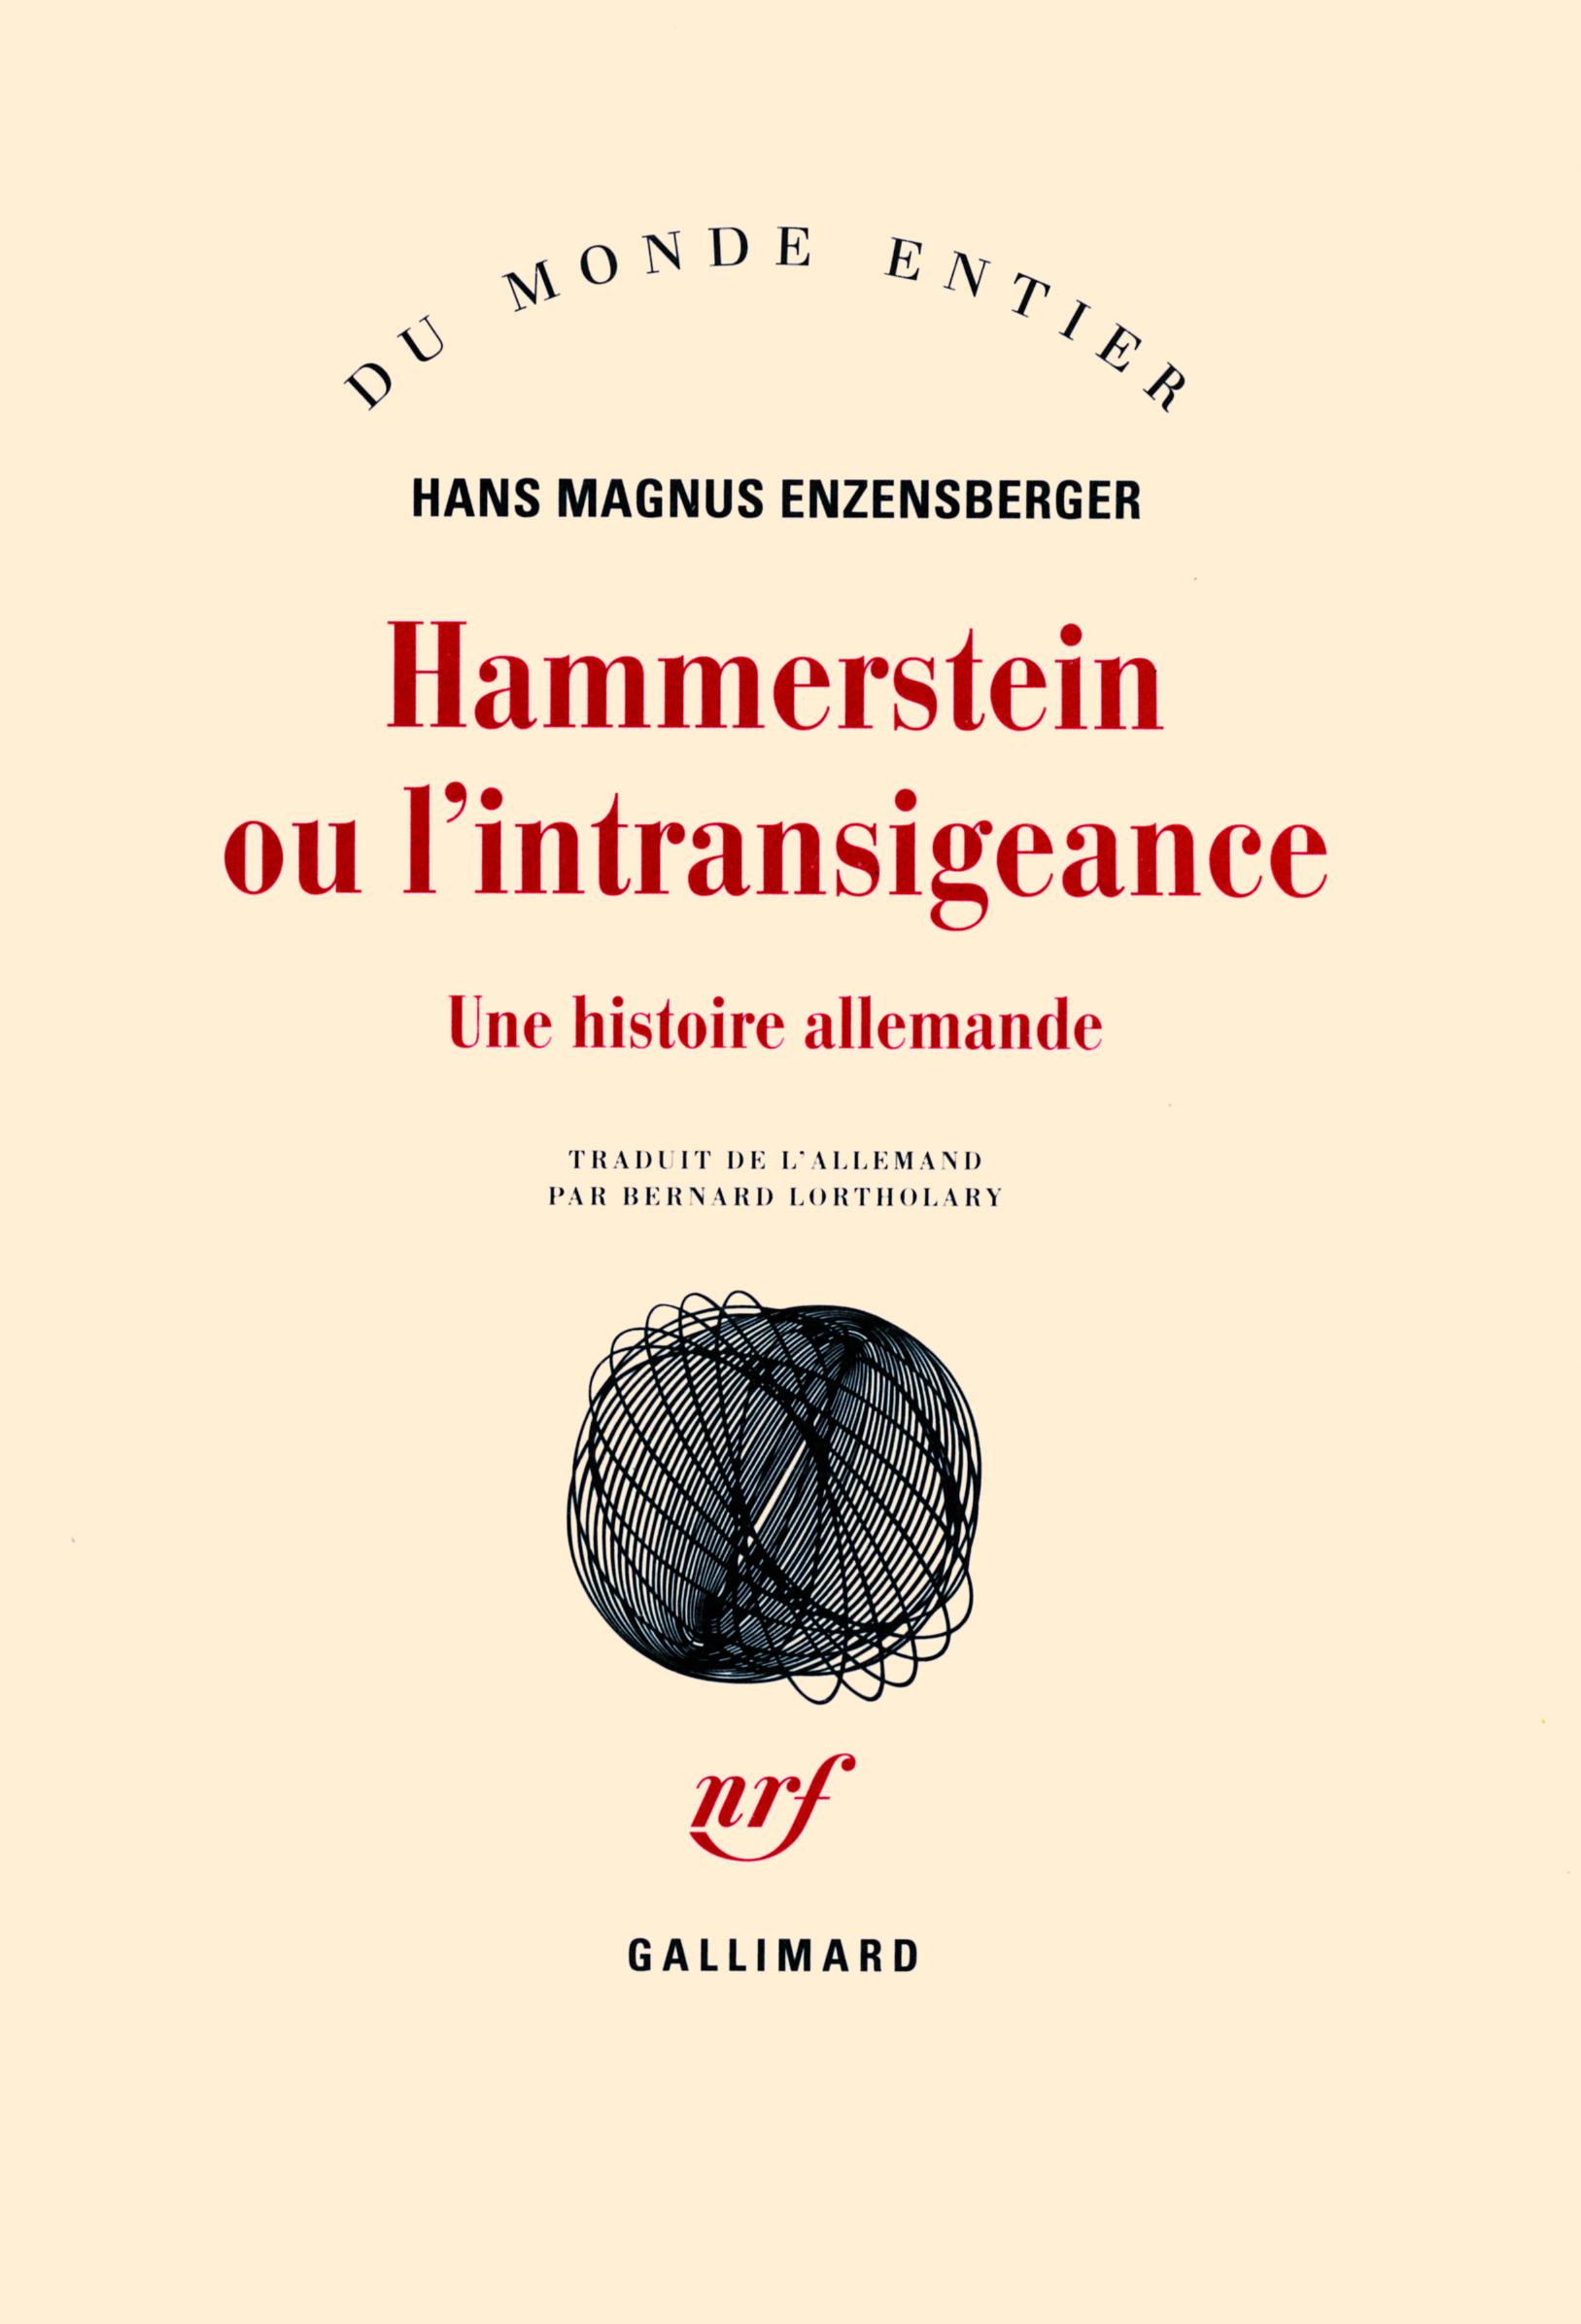 HAMMERSTEIN OU L'INTRANSIGEANCE UNE HISTOIRE ALLEMANDE